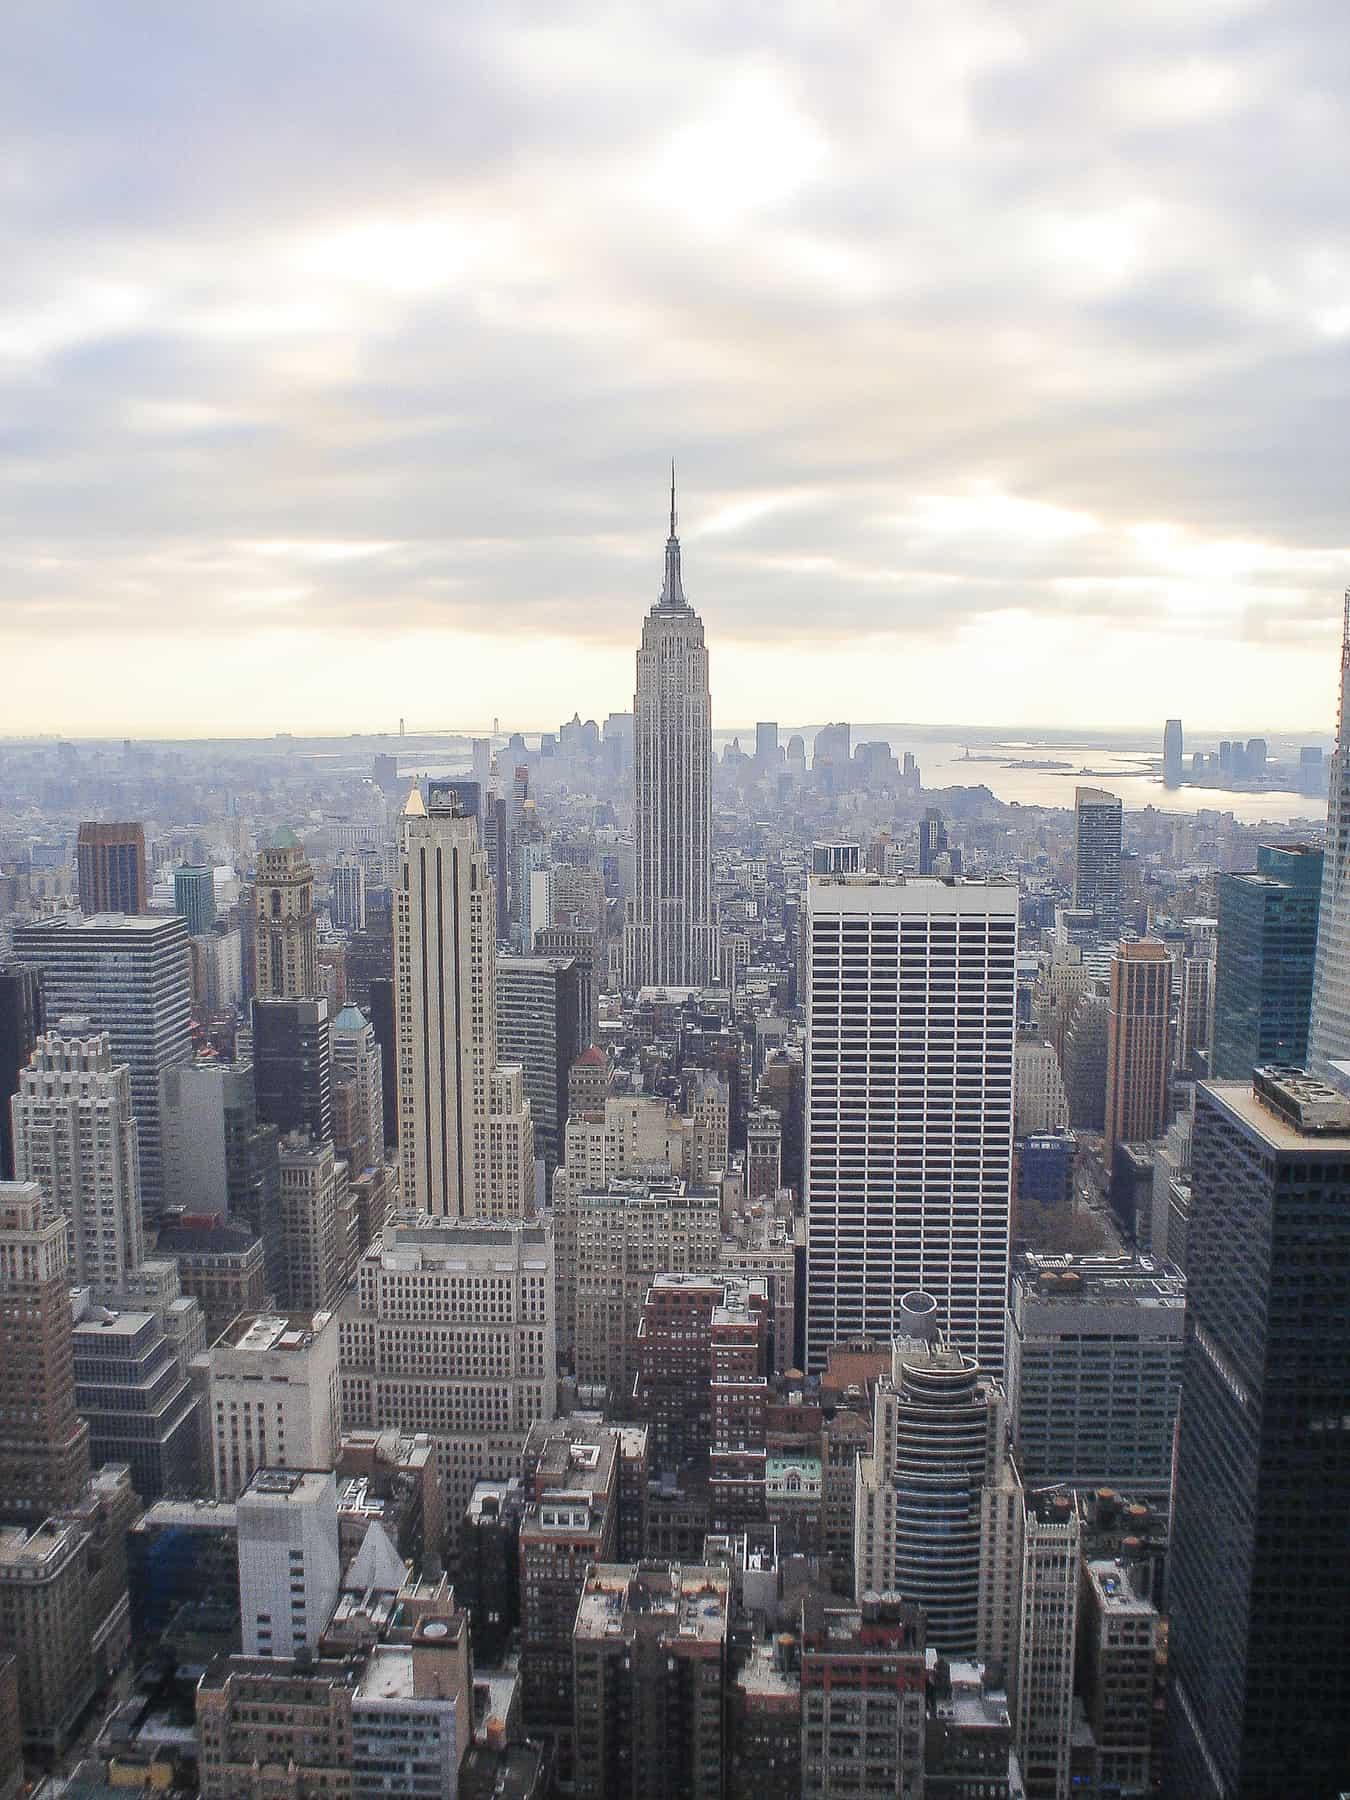 Un grattacielo di nome Empire State Building